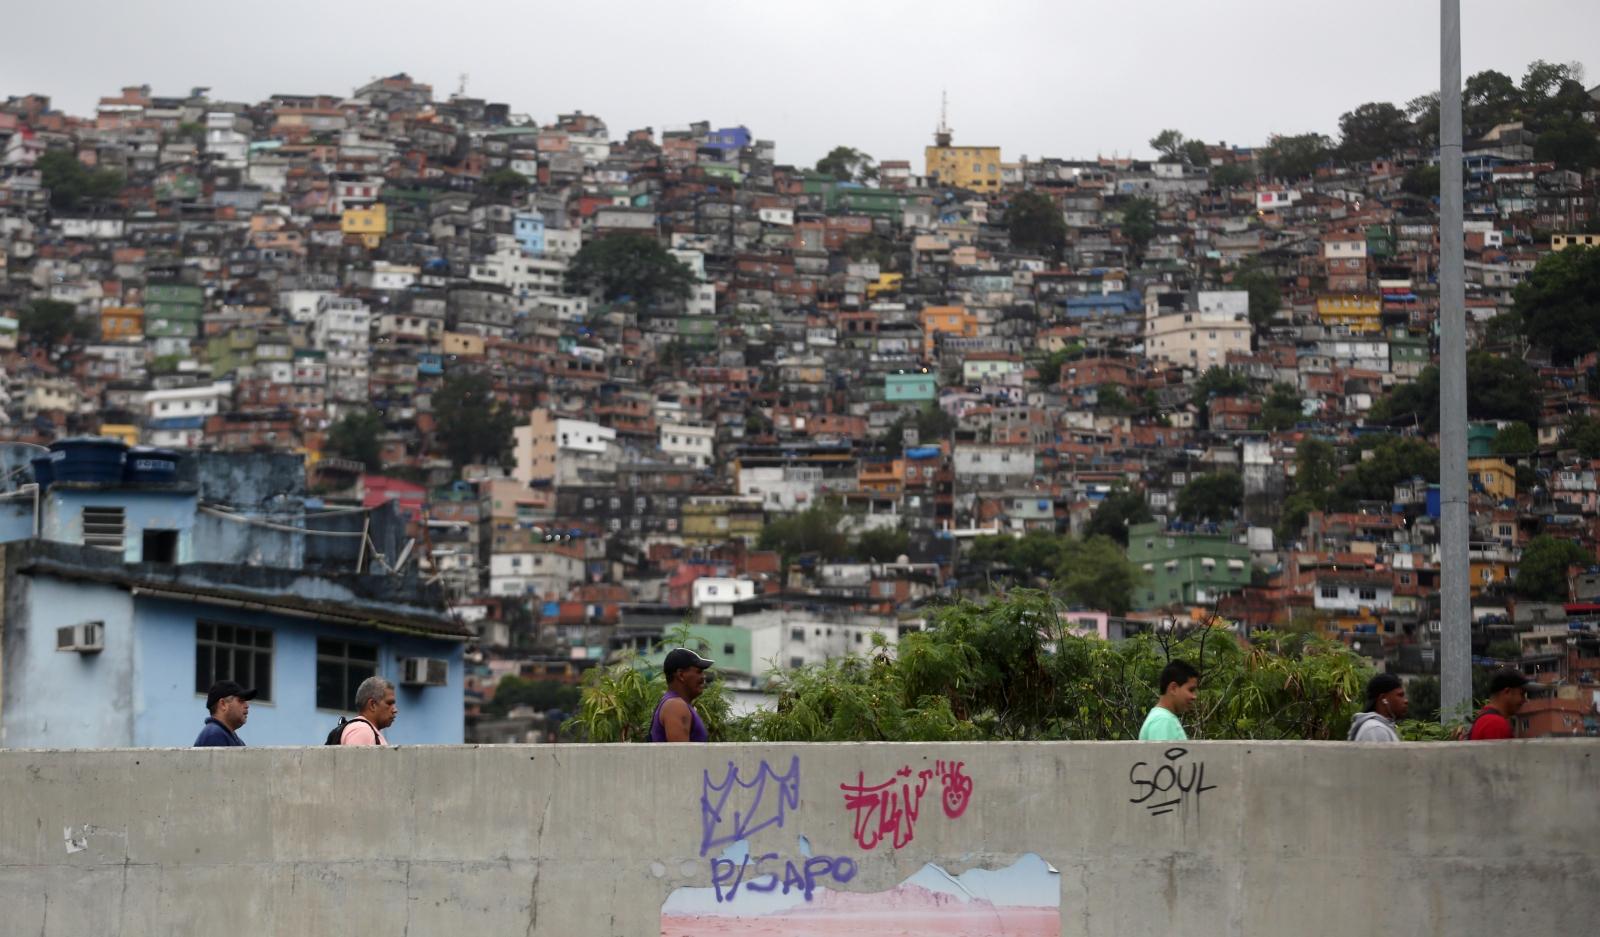 Rio de Janeiro favelas slums